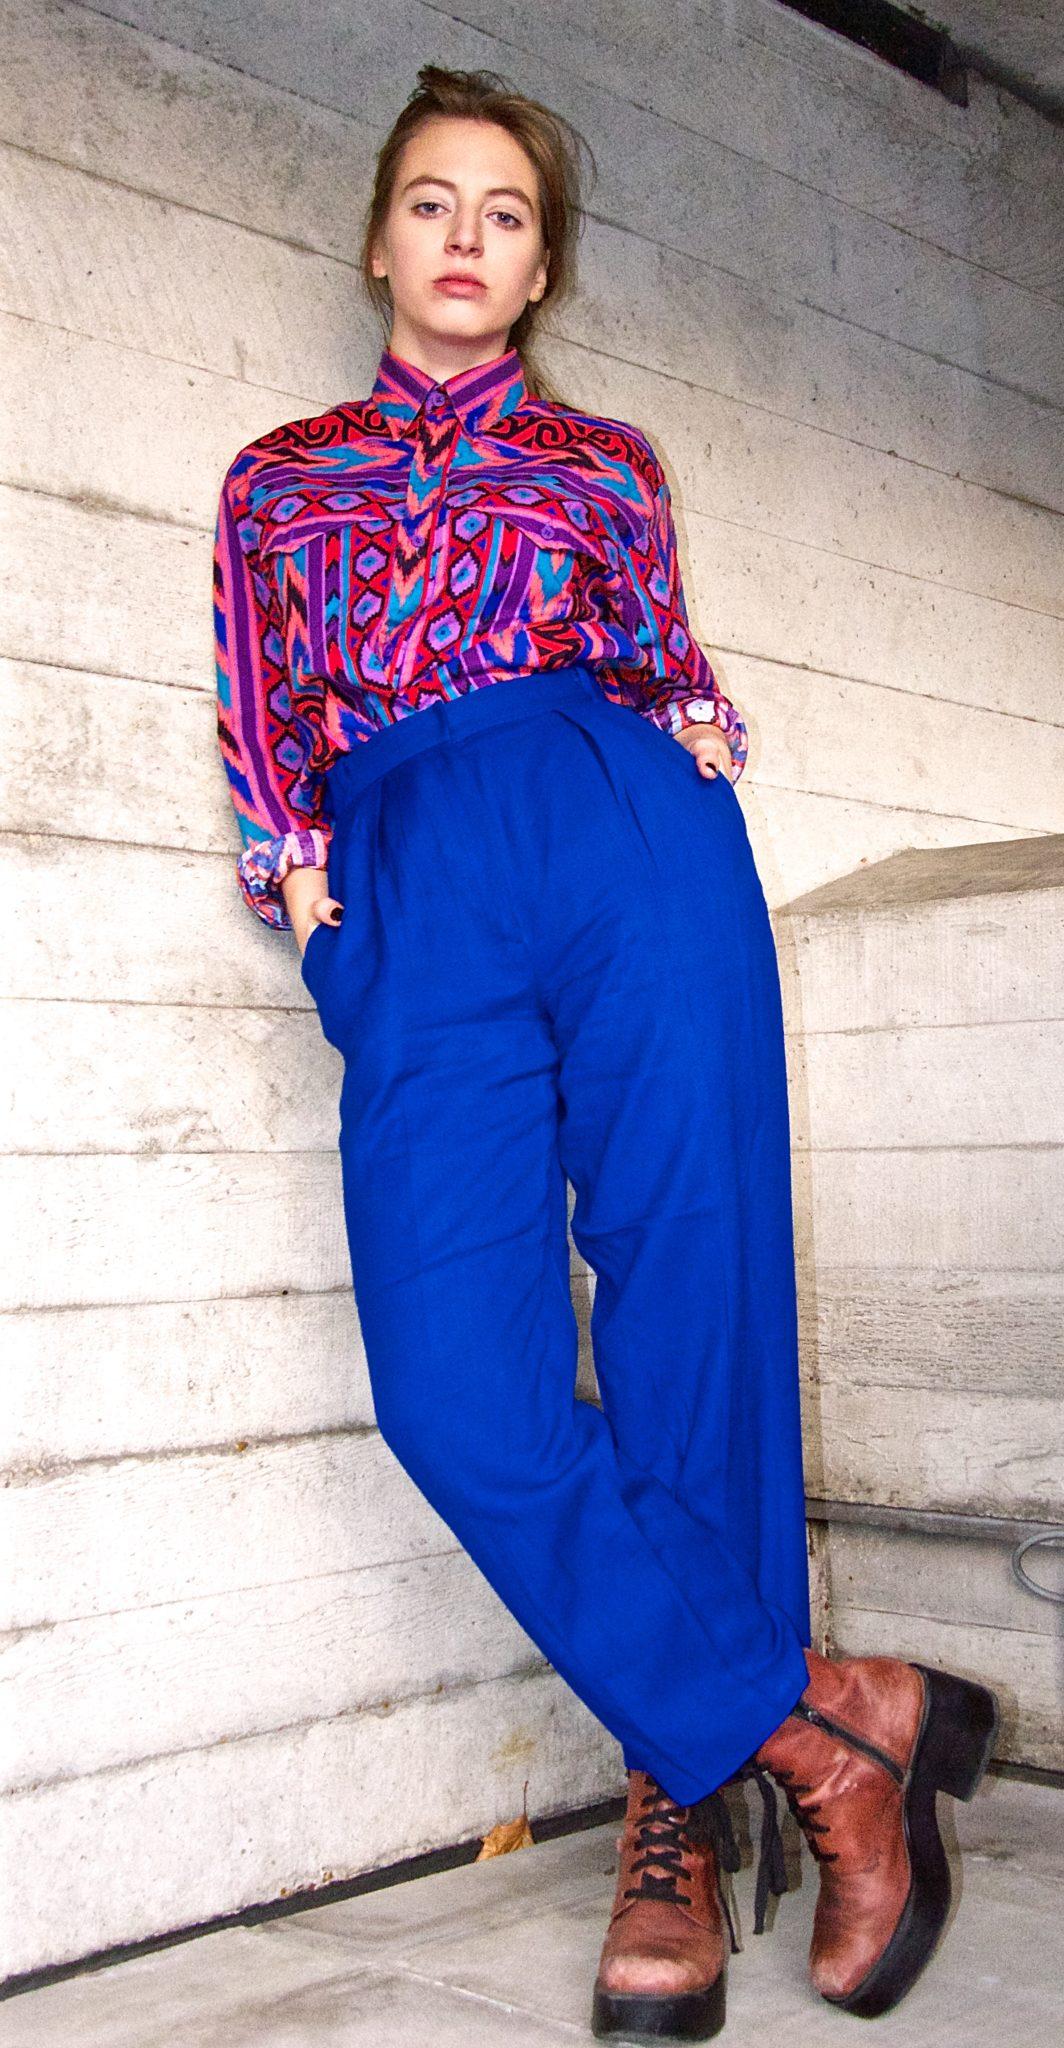 Dziewyczna stojąca pod ścianą ubrana w kolorową bluzkę